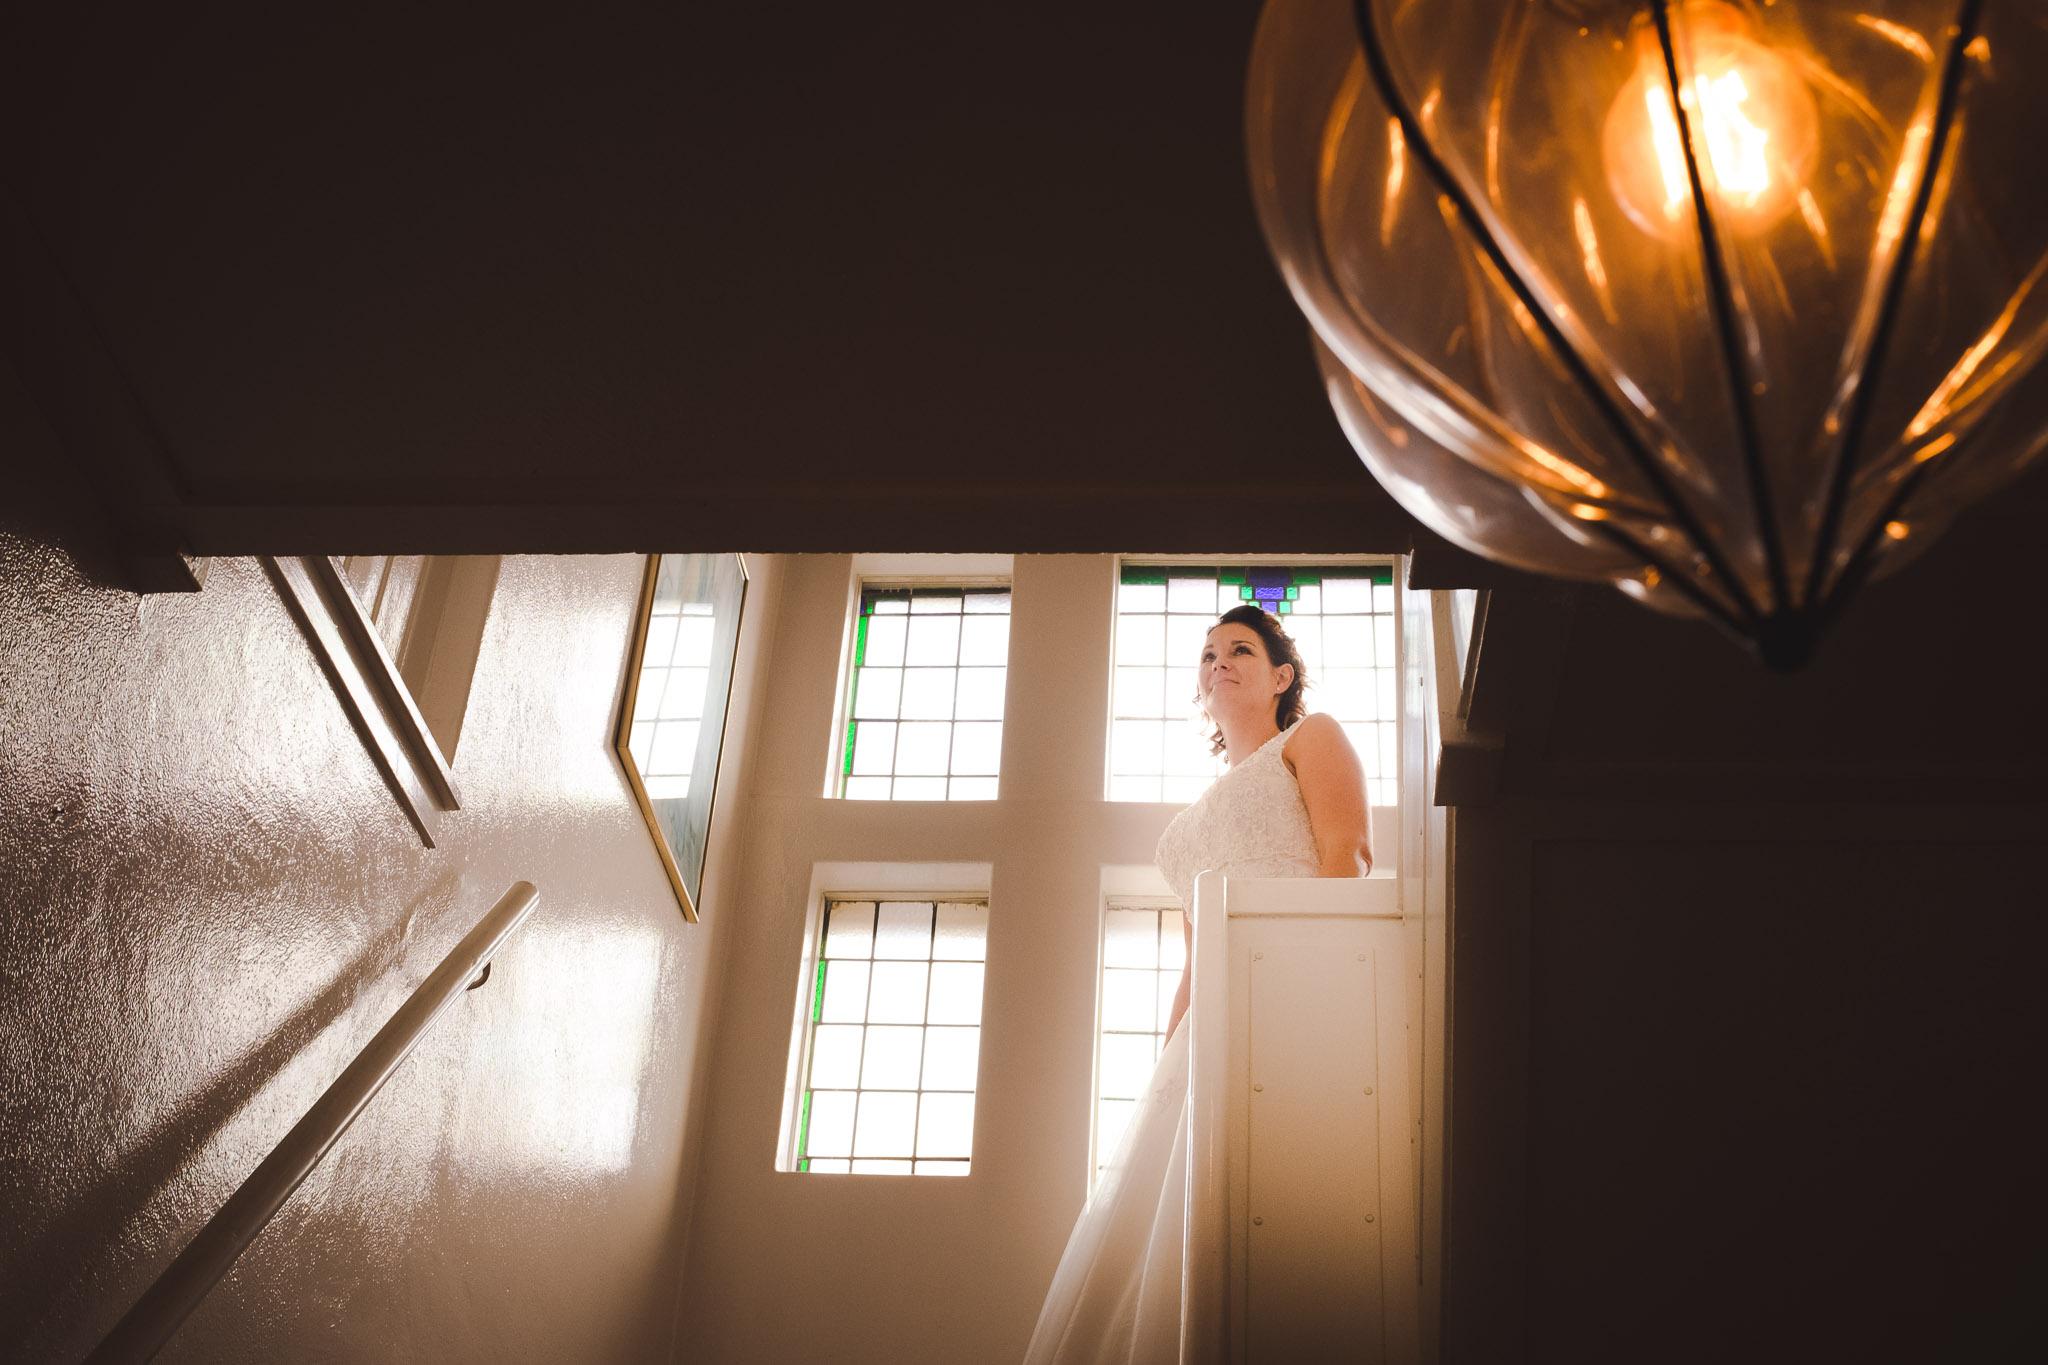 portret bruid de trap af zuidlaren